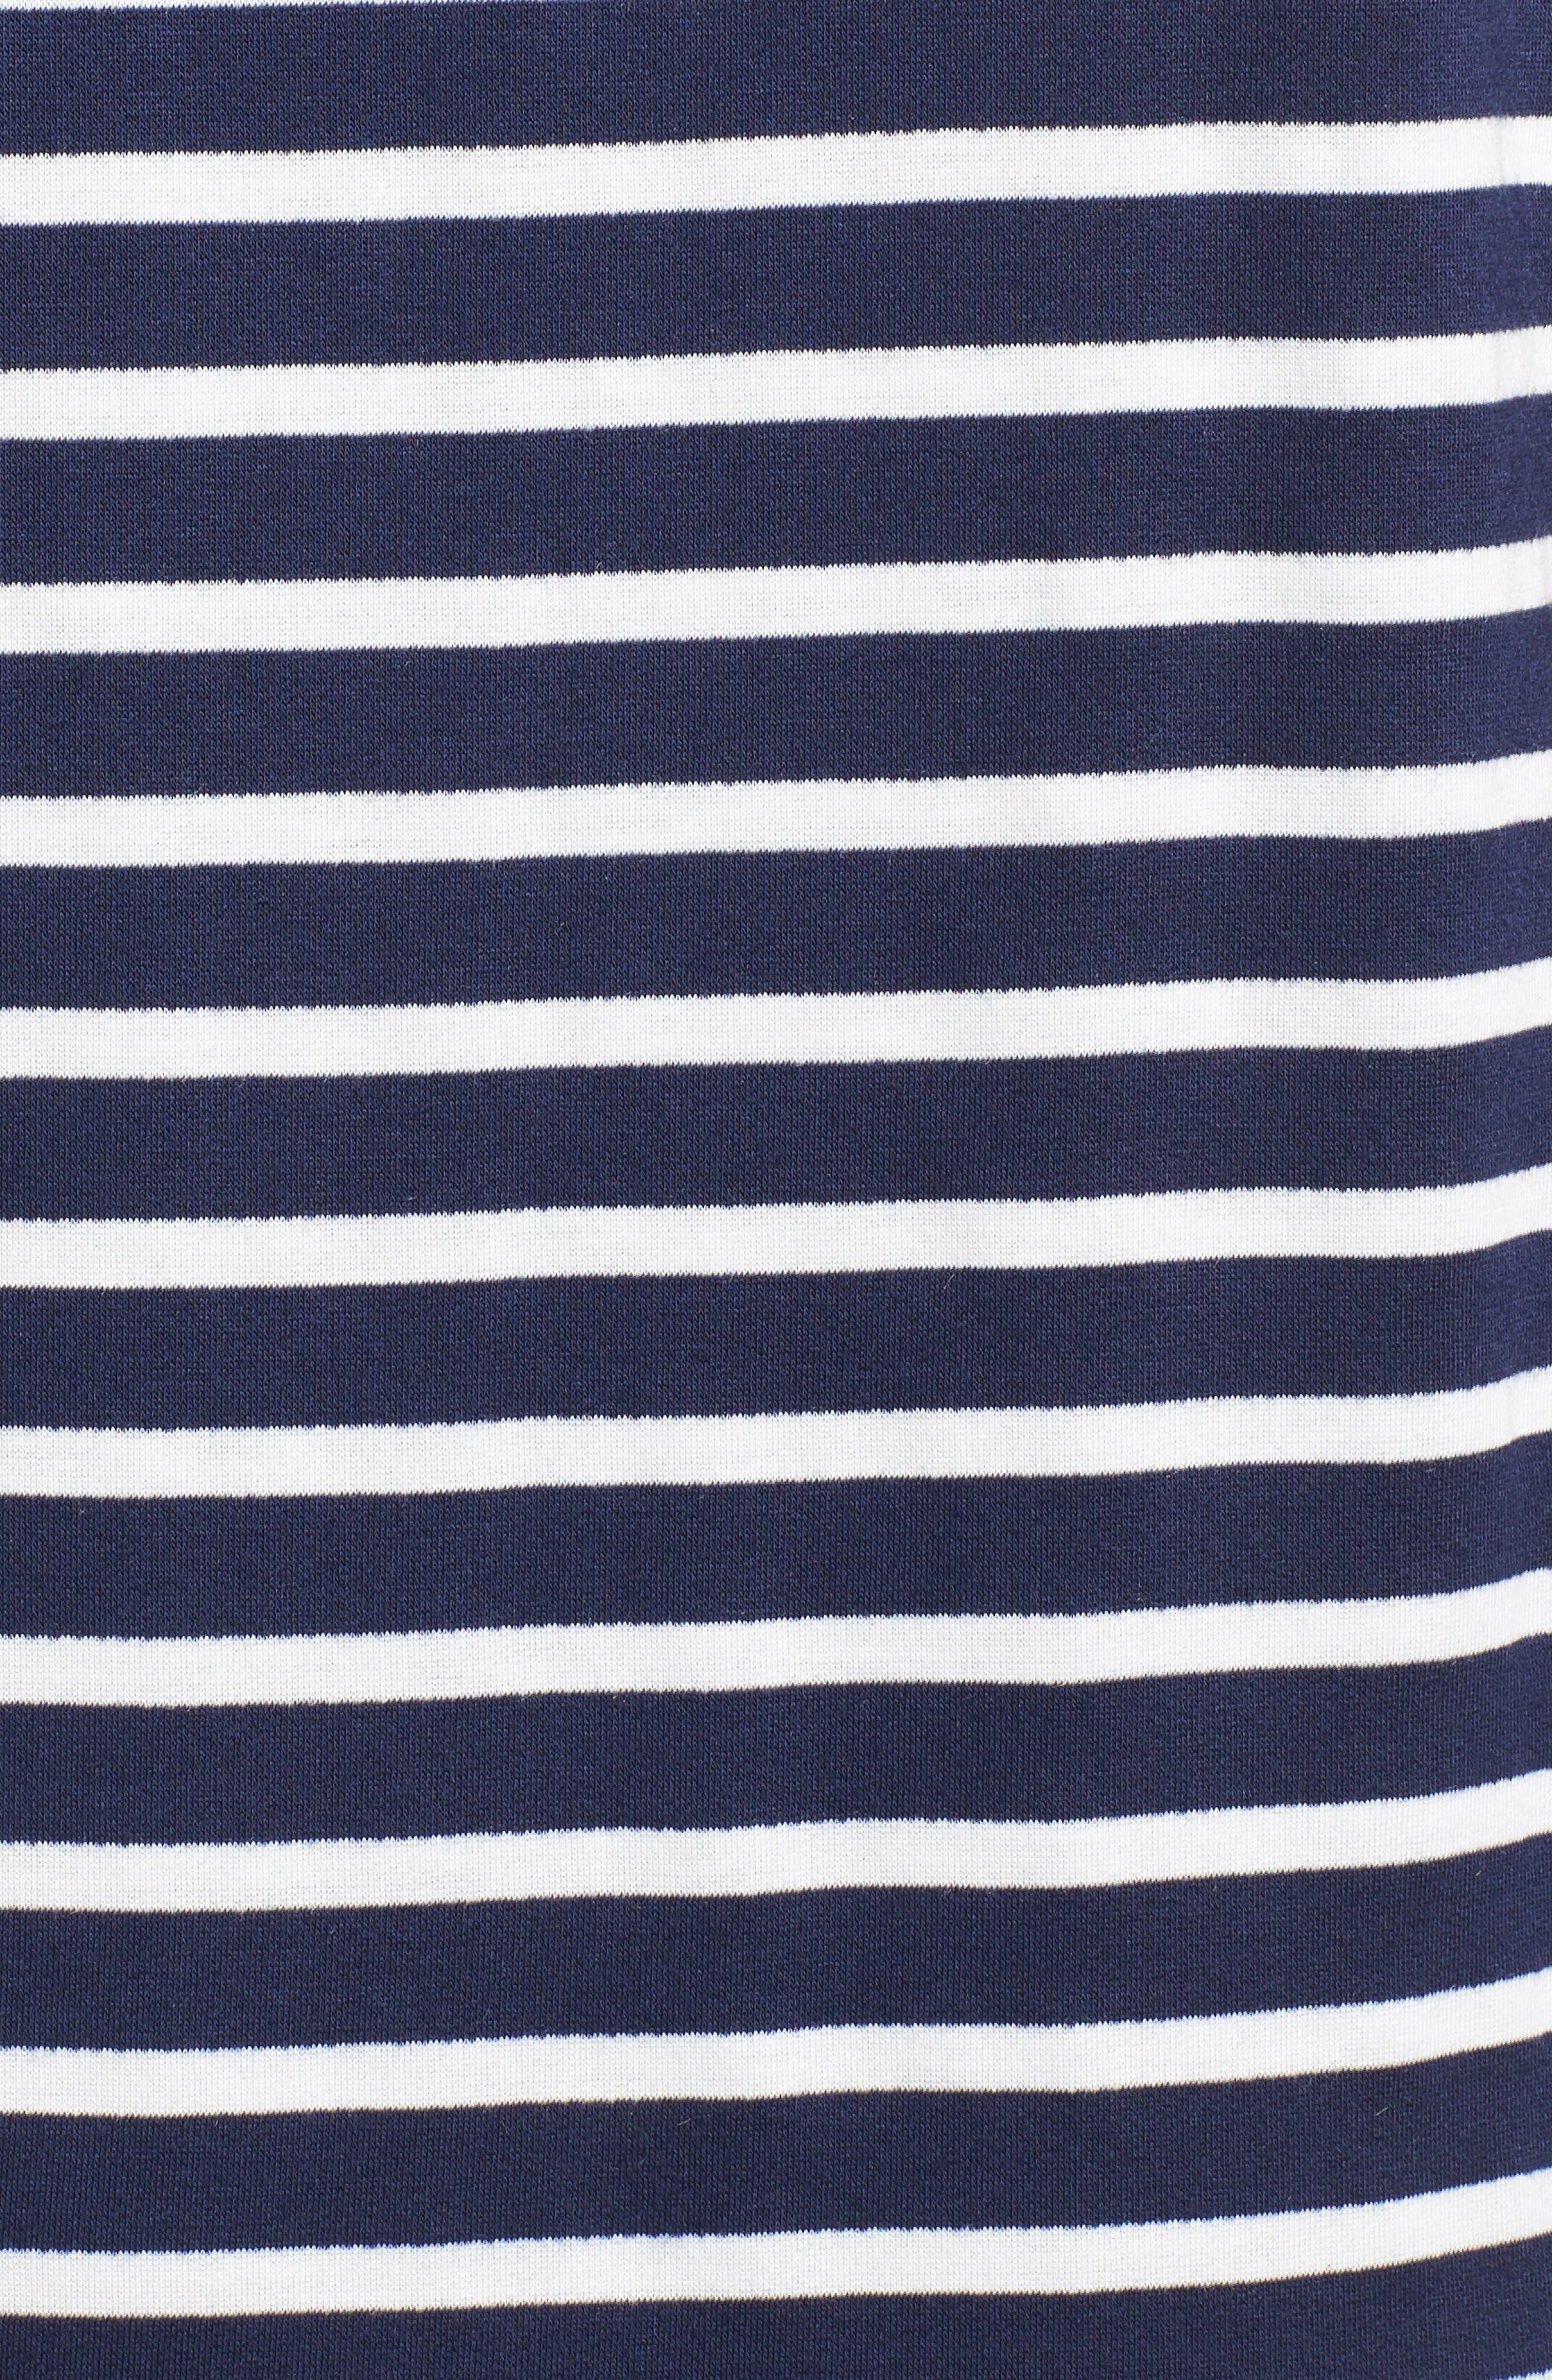 Knit Shift Dress,                             Alternate thumbnail 6, color,                             415